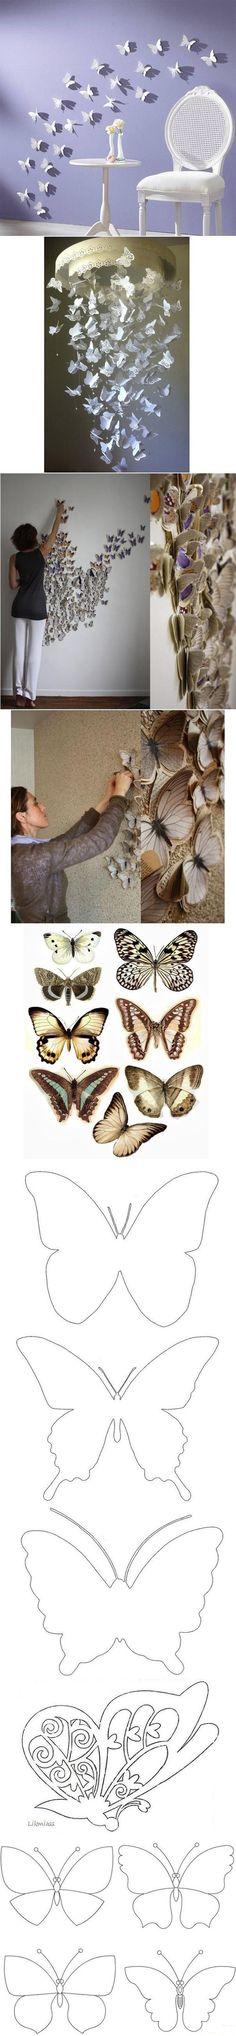 DIY Butterfly Pattern Wall Decoro